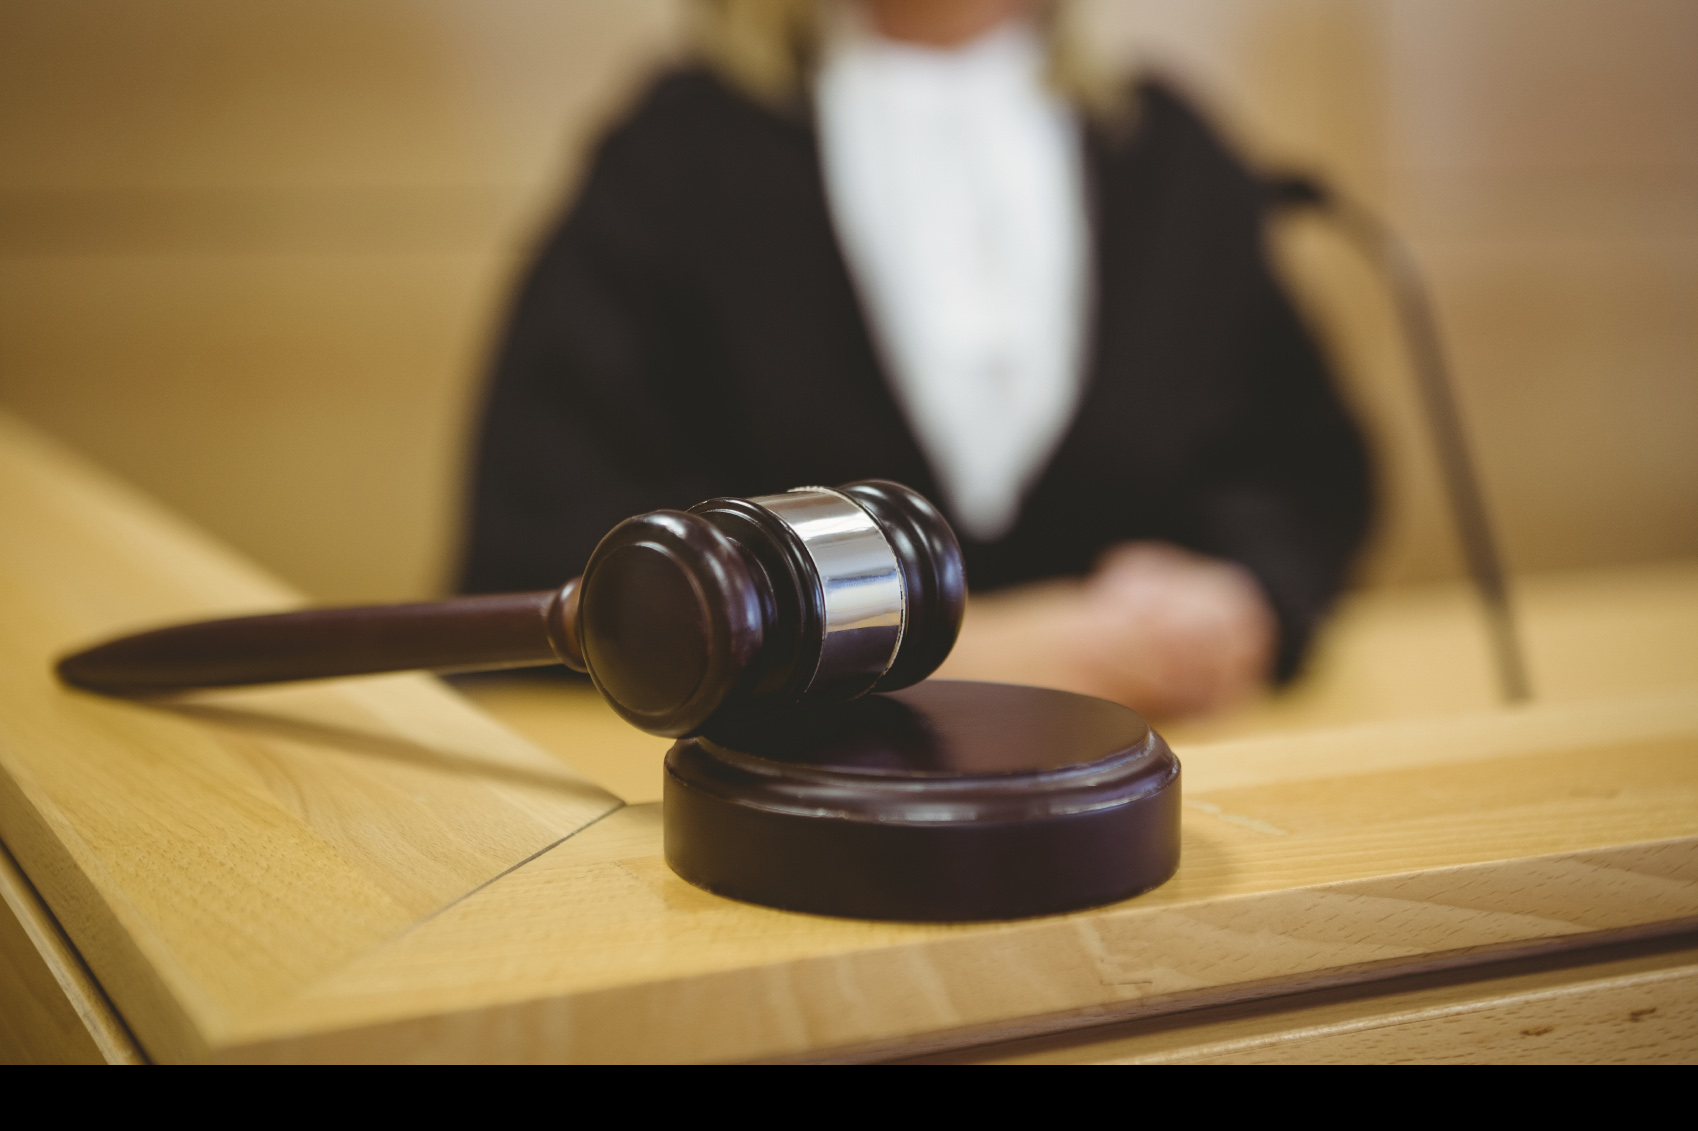 El doctor Aquiles Martínez fue presentado ante el tribunal por su supuesta vinculación con el desvío de nebulizadores pediátricos